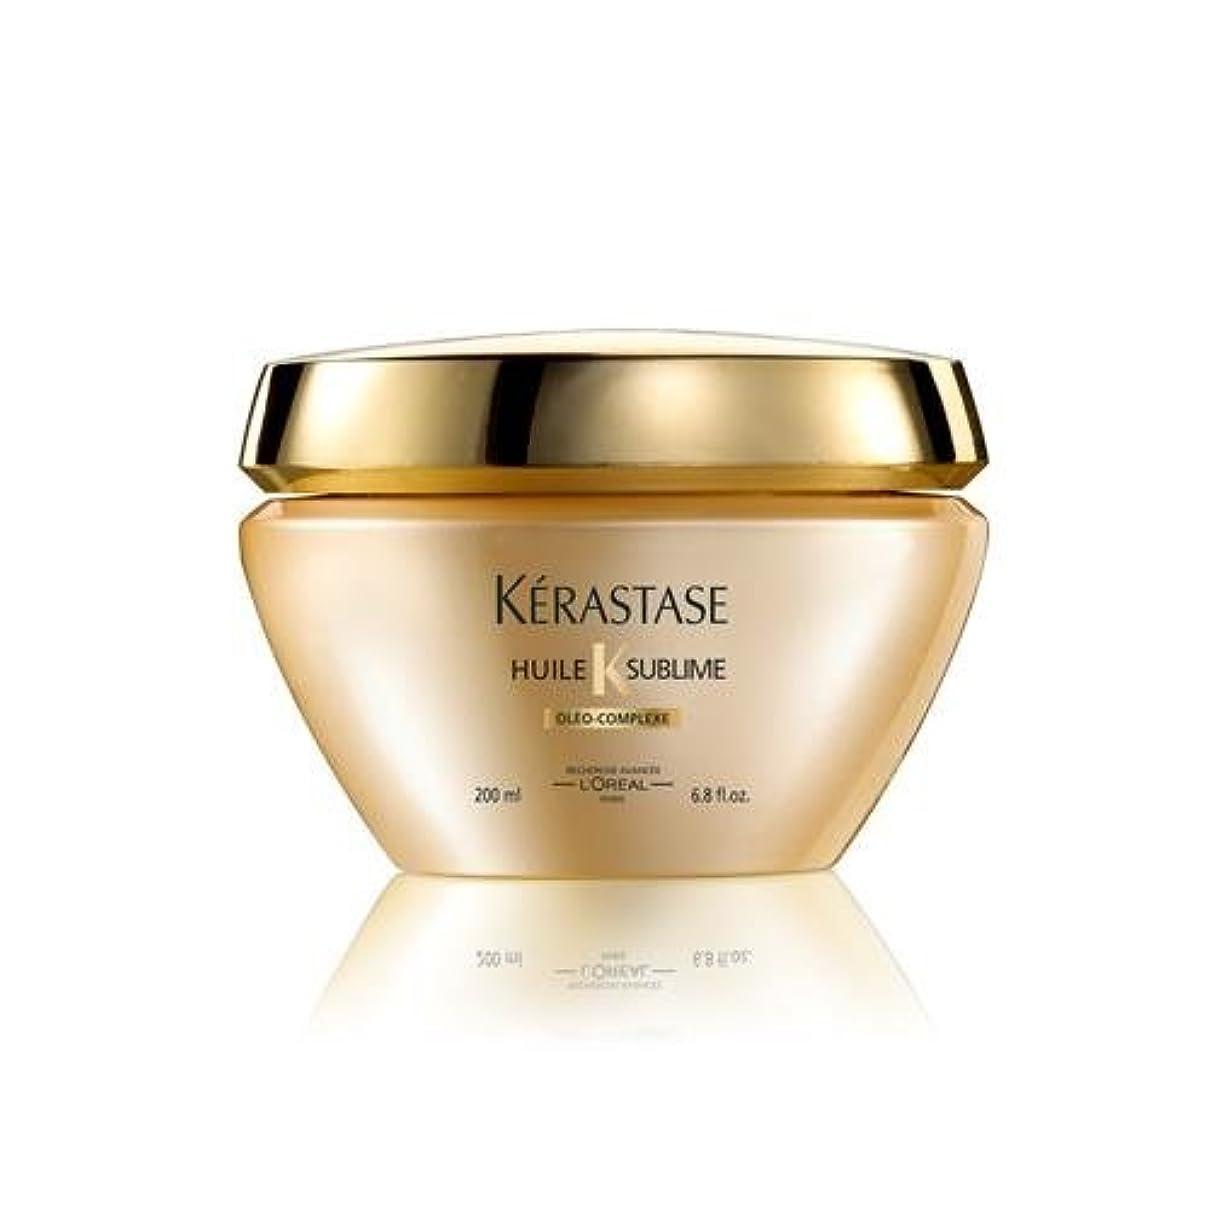 メリーピュー代表するKERASTASE(ケラスターゼ) HU マスク ユイルスブリム 200g